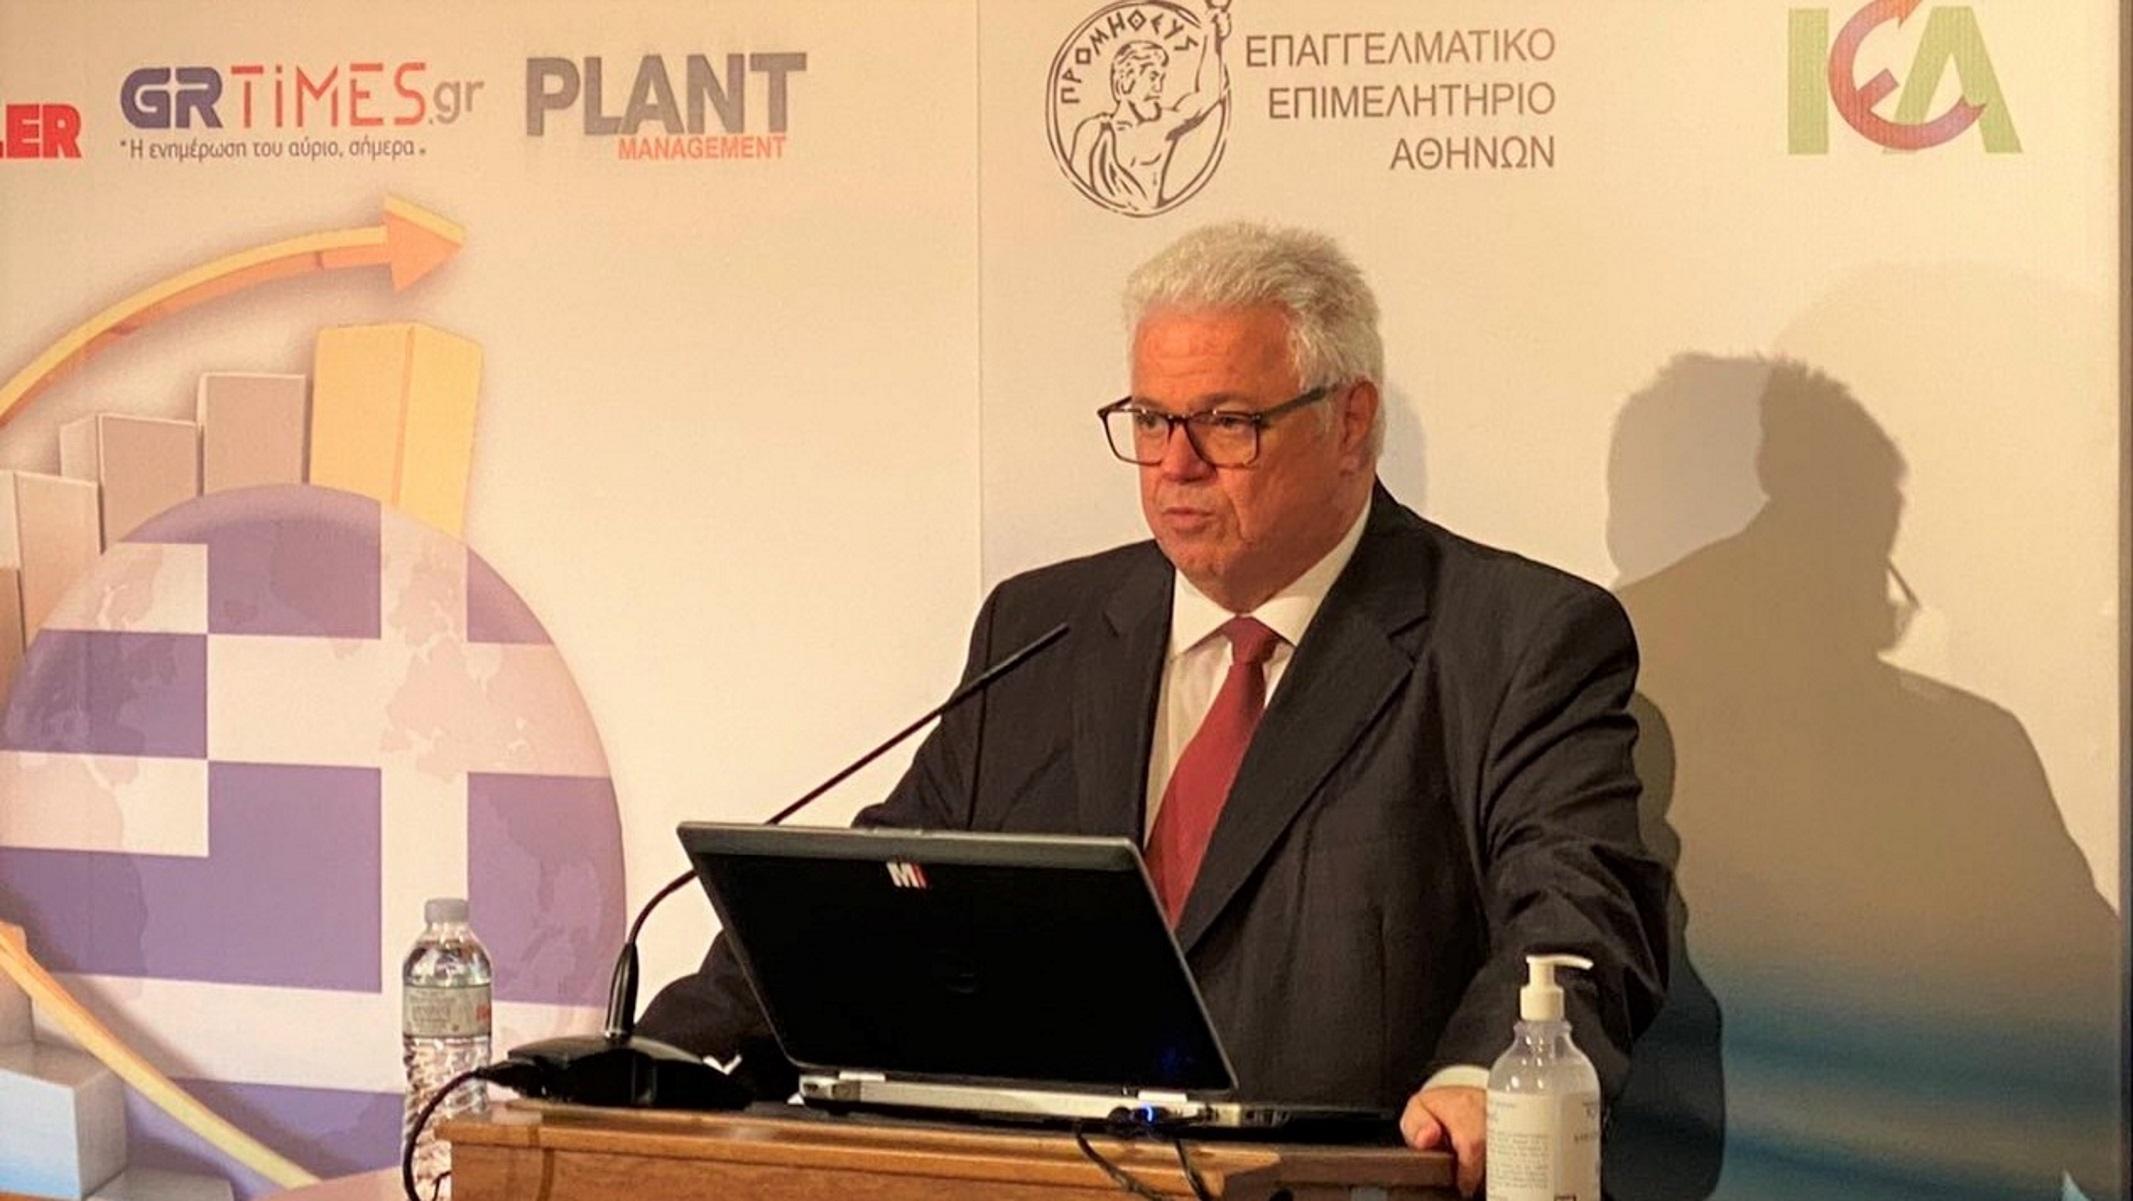 Γιάννης Γιαρέντης, ΔΑΠΕΕΠ: «Απαραίτητη η μείωση του ενεργειακού κόστους για τους ελεύθερους επαγγελματίες»